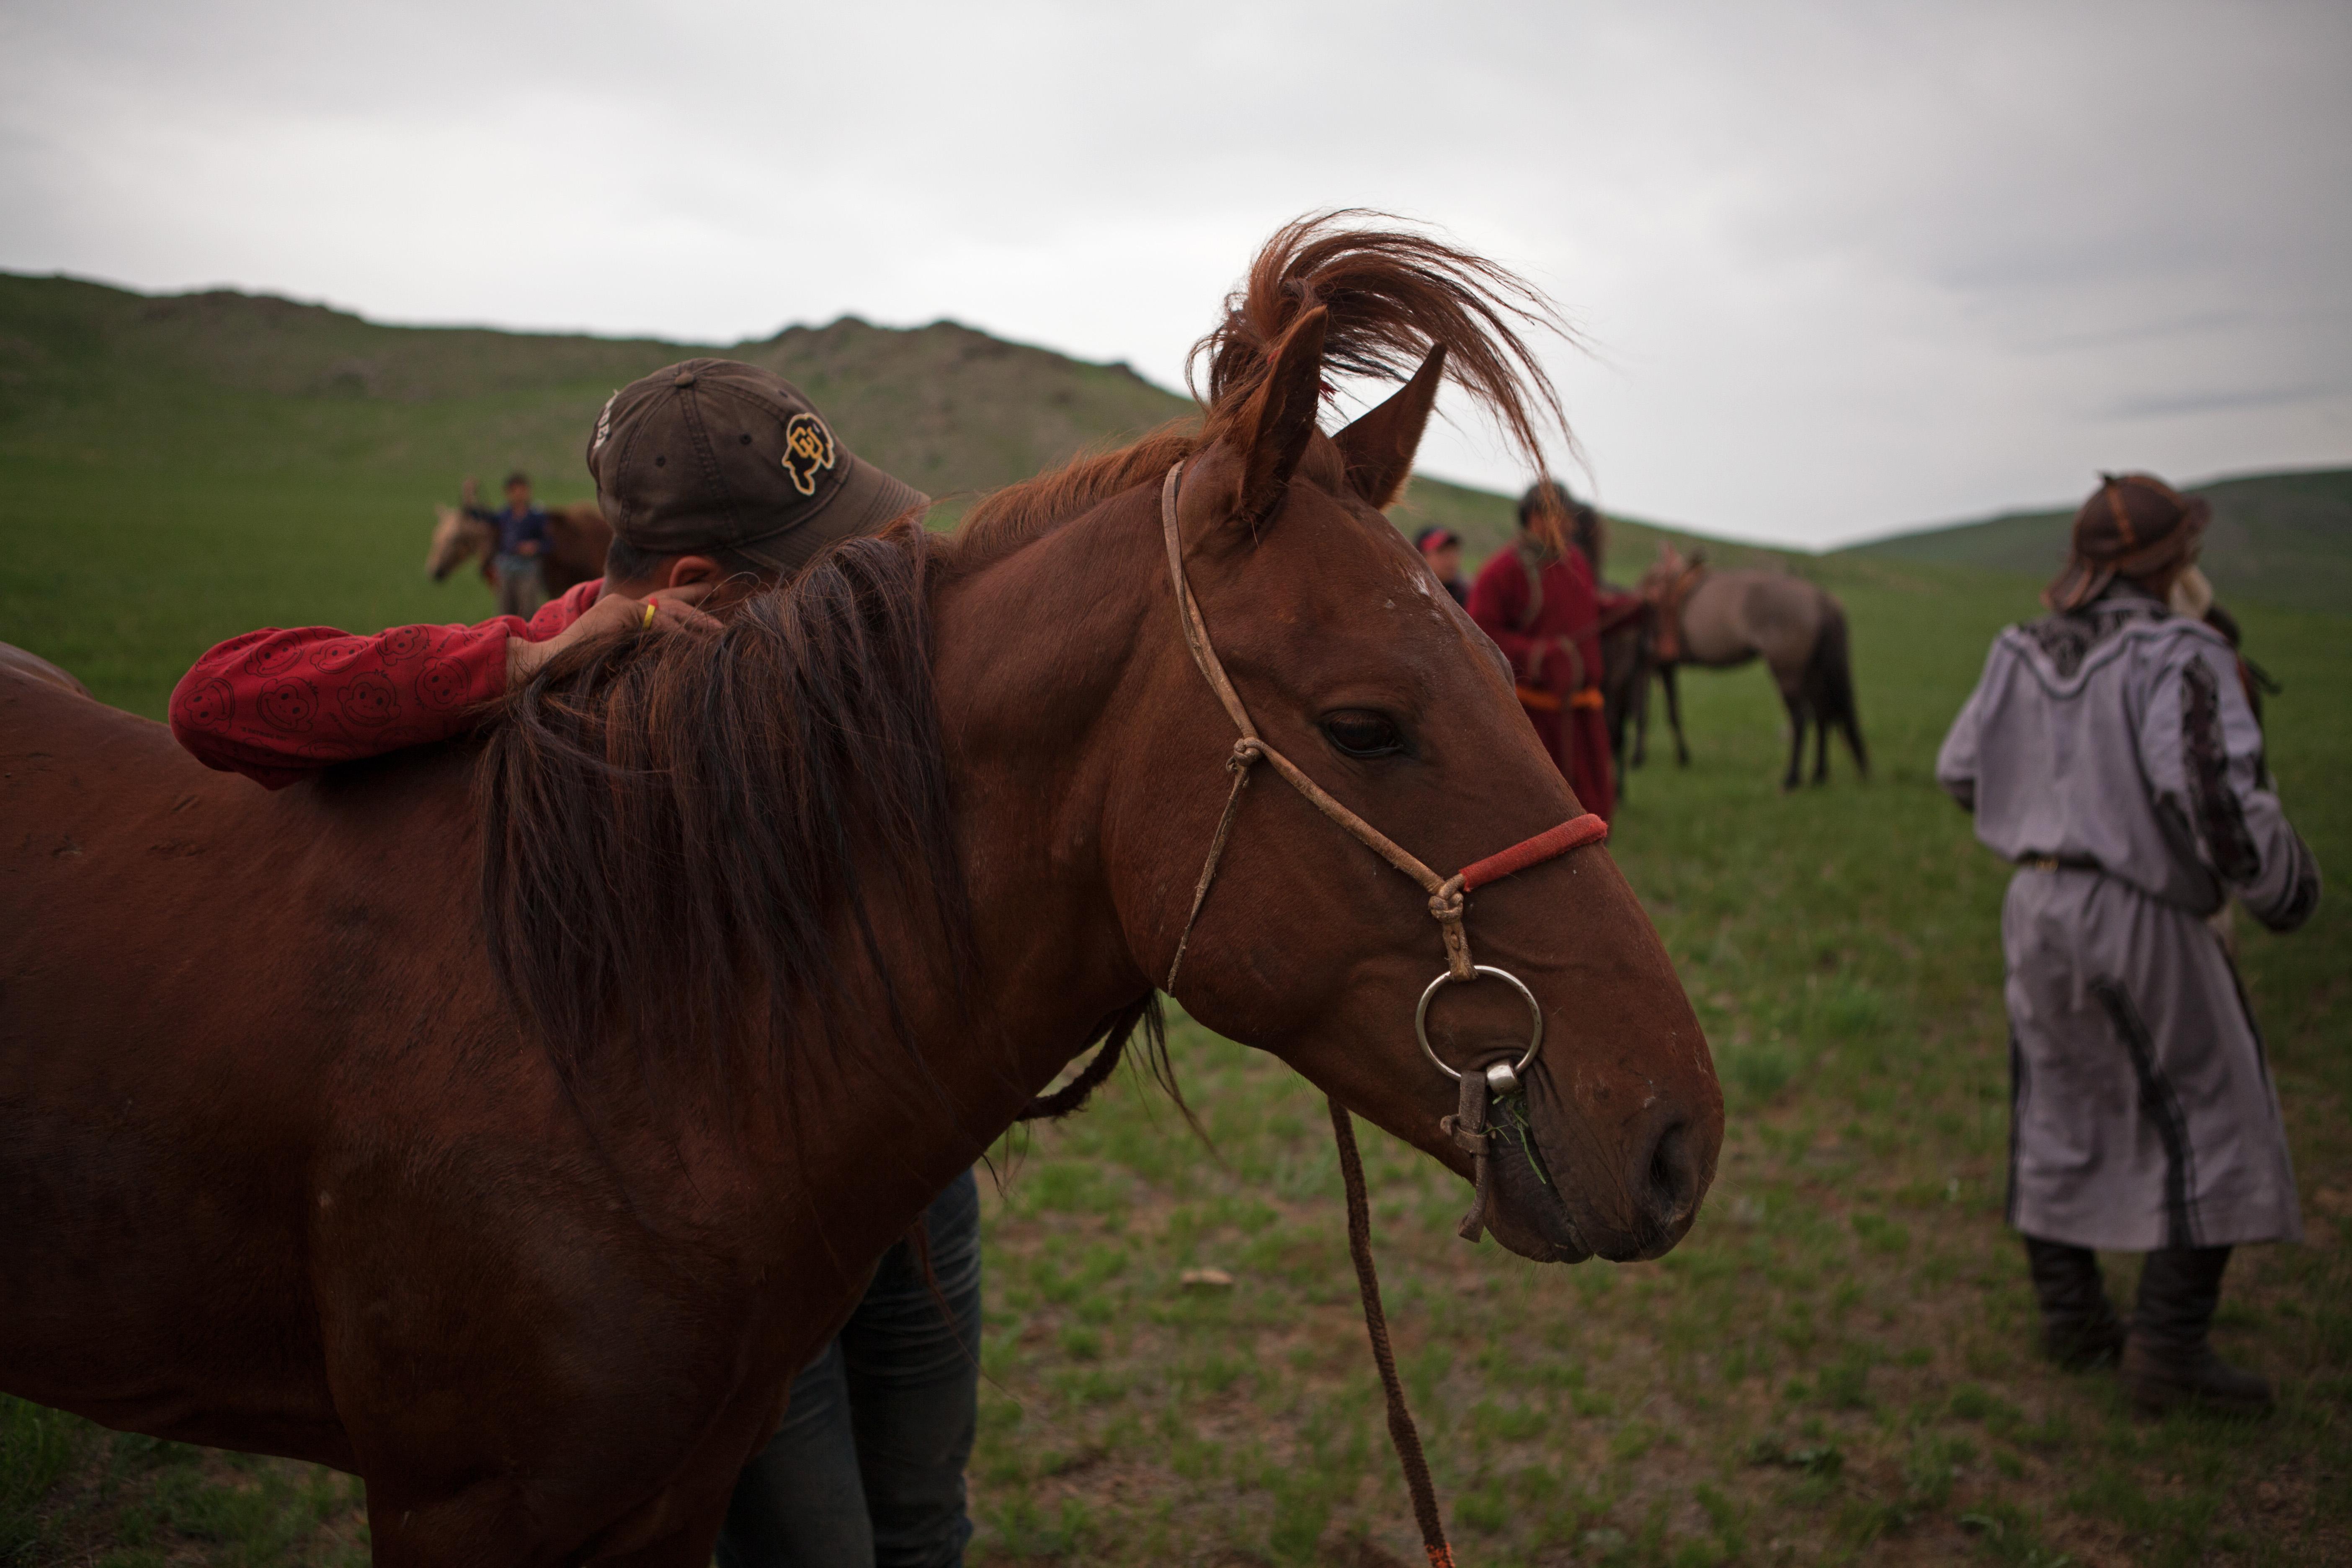 Horses still rule